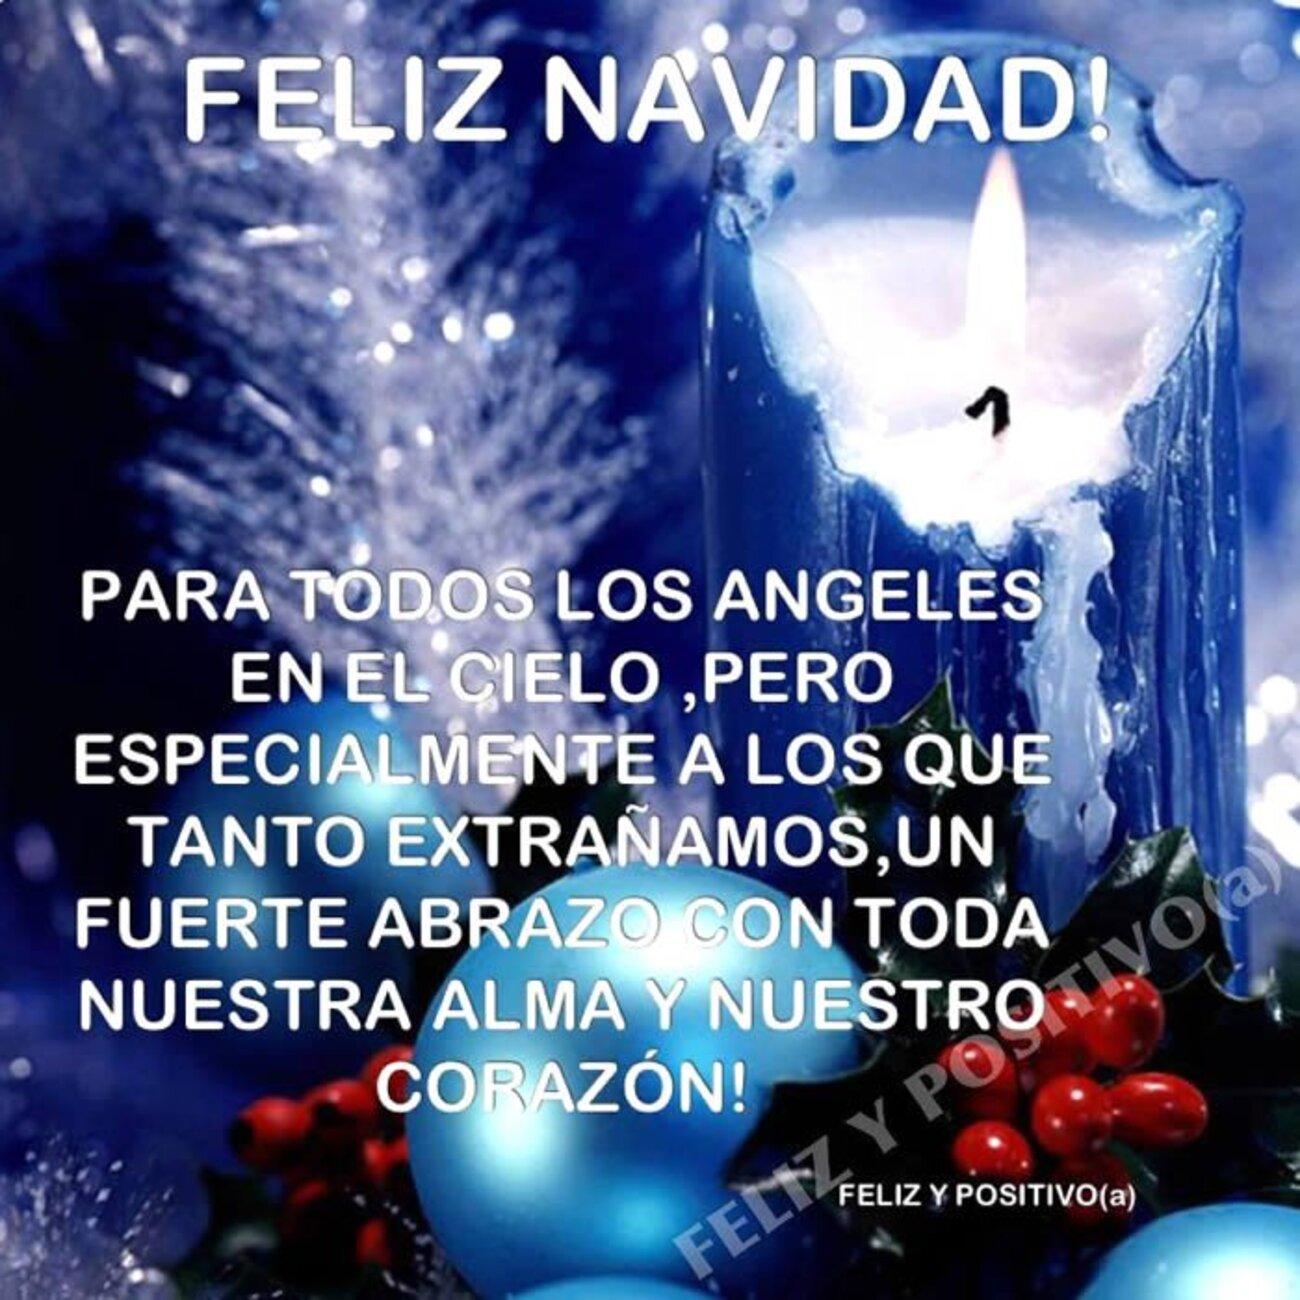 Feliz Navidad! Para todos los angeles en el cielo, pero especialmente a los que tanto extrañamos, un fuerte abrazo con toda nuestra alma y nuestro corazón!